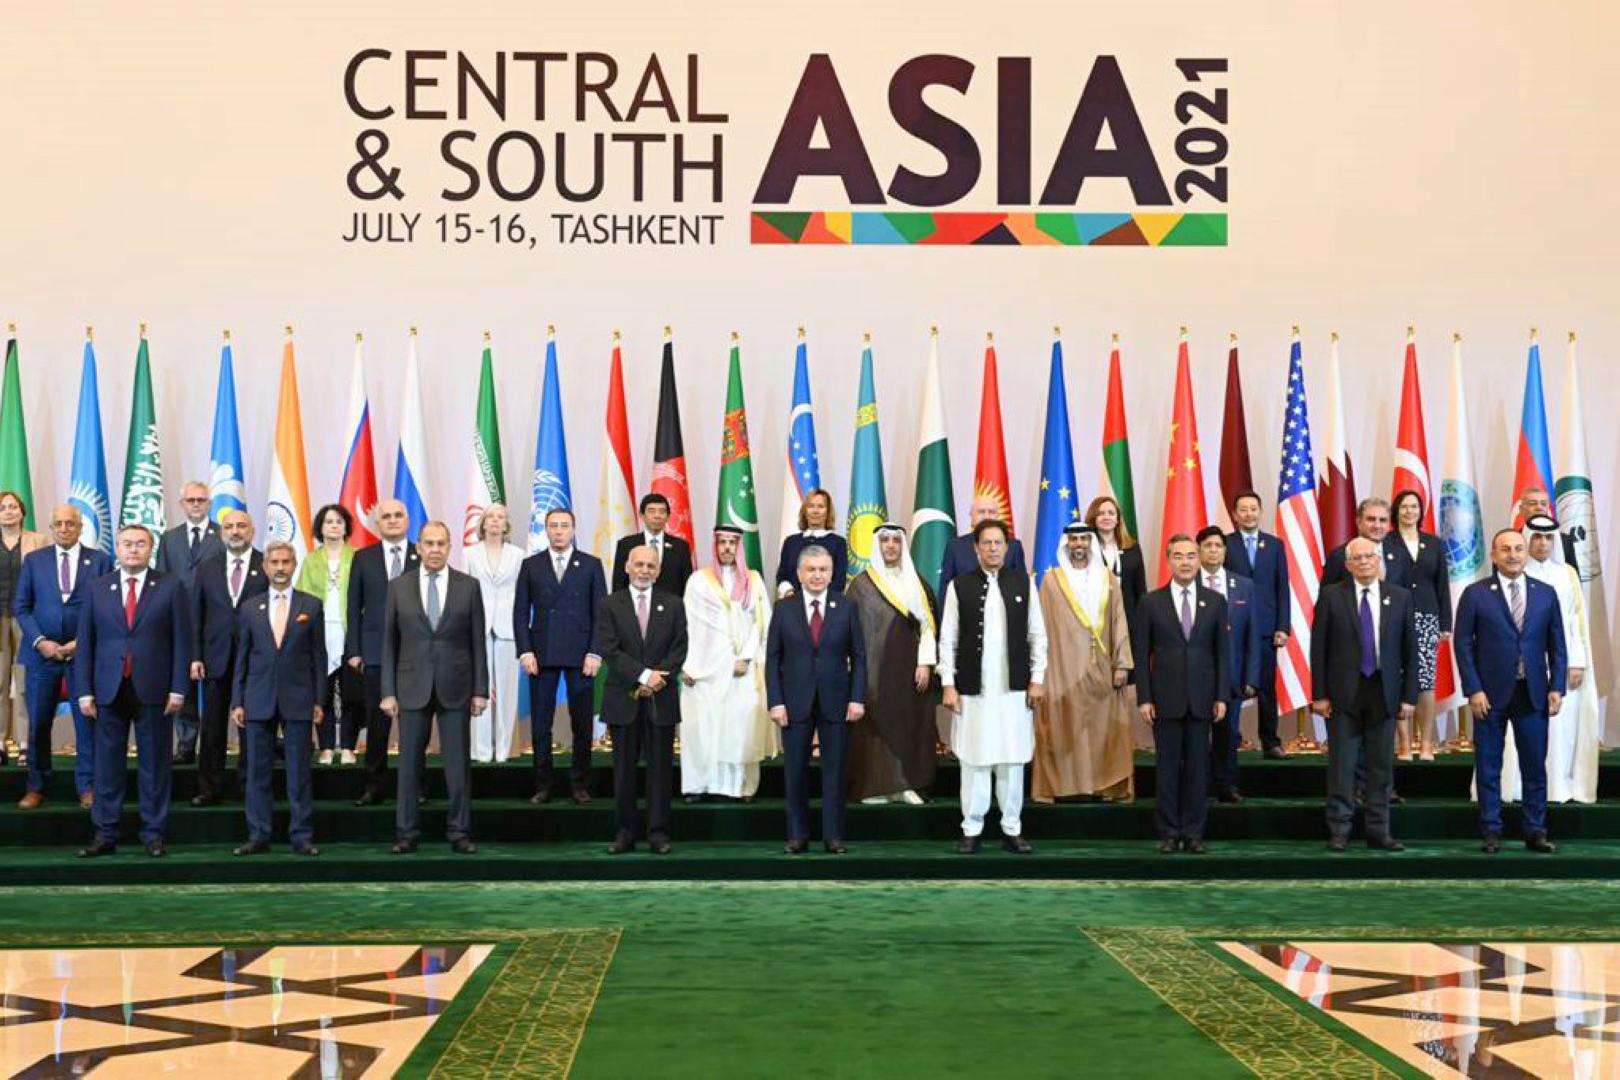 """الإمارات تشارك في مؤتمر"""" آسيا الوسطى و جنوب آسيا .. الترابط الإقليمي- التداعيات والفرص في أوزبكستان"""""""